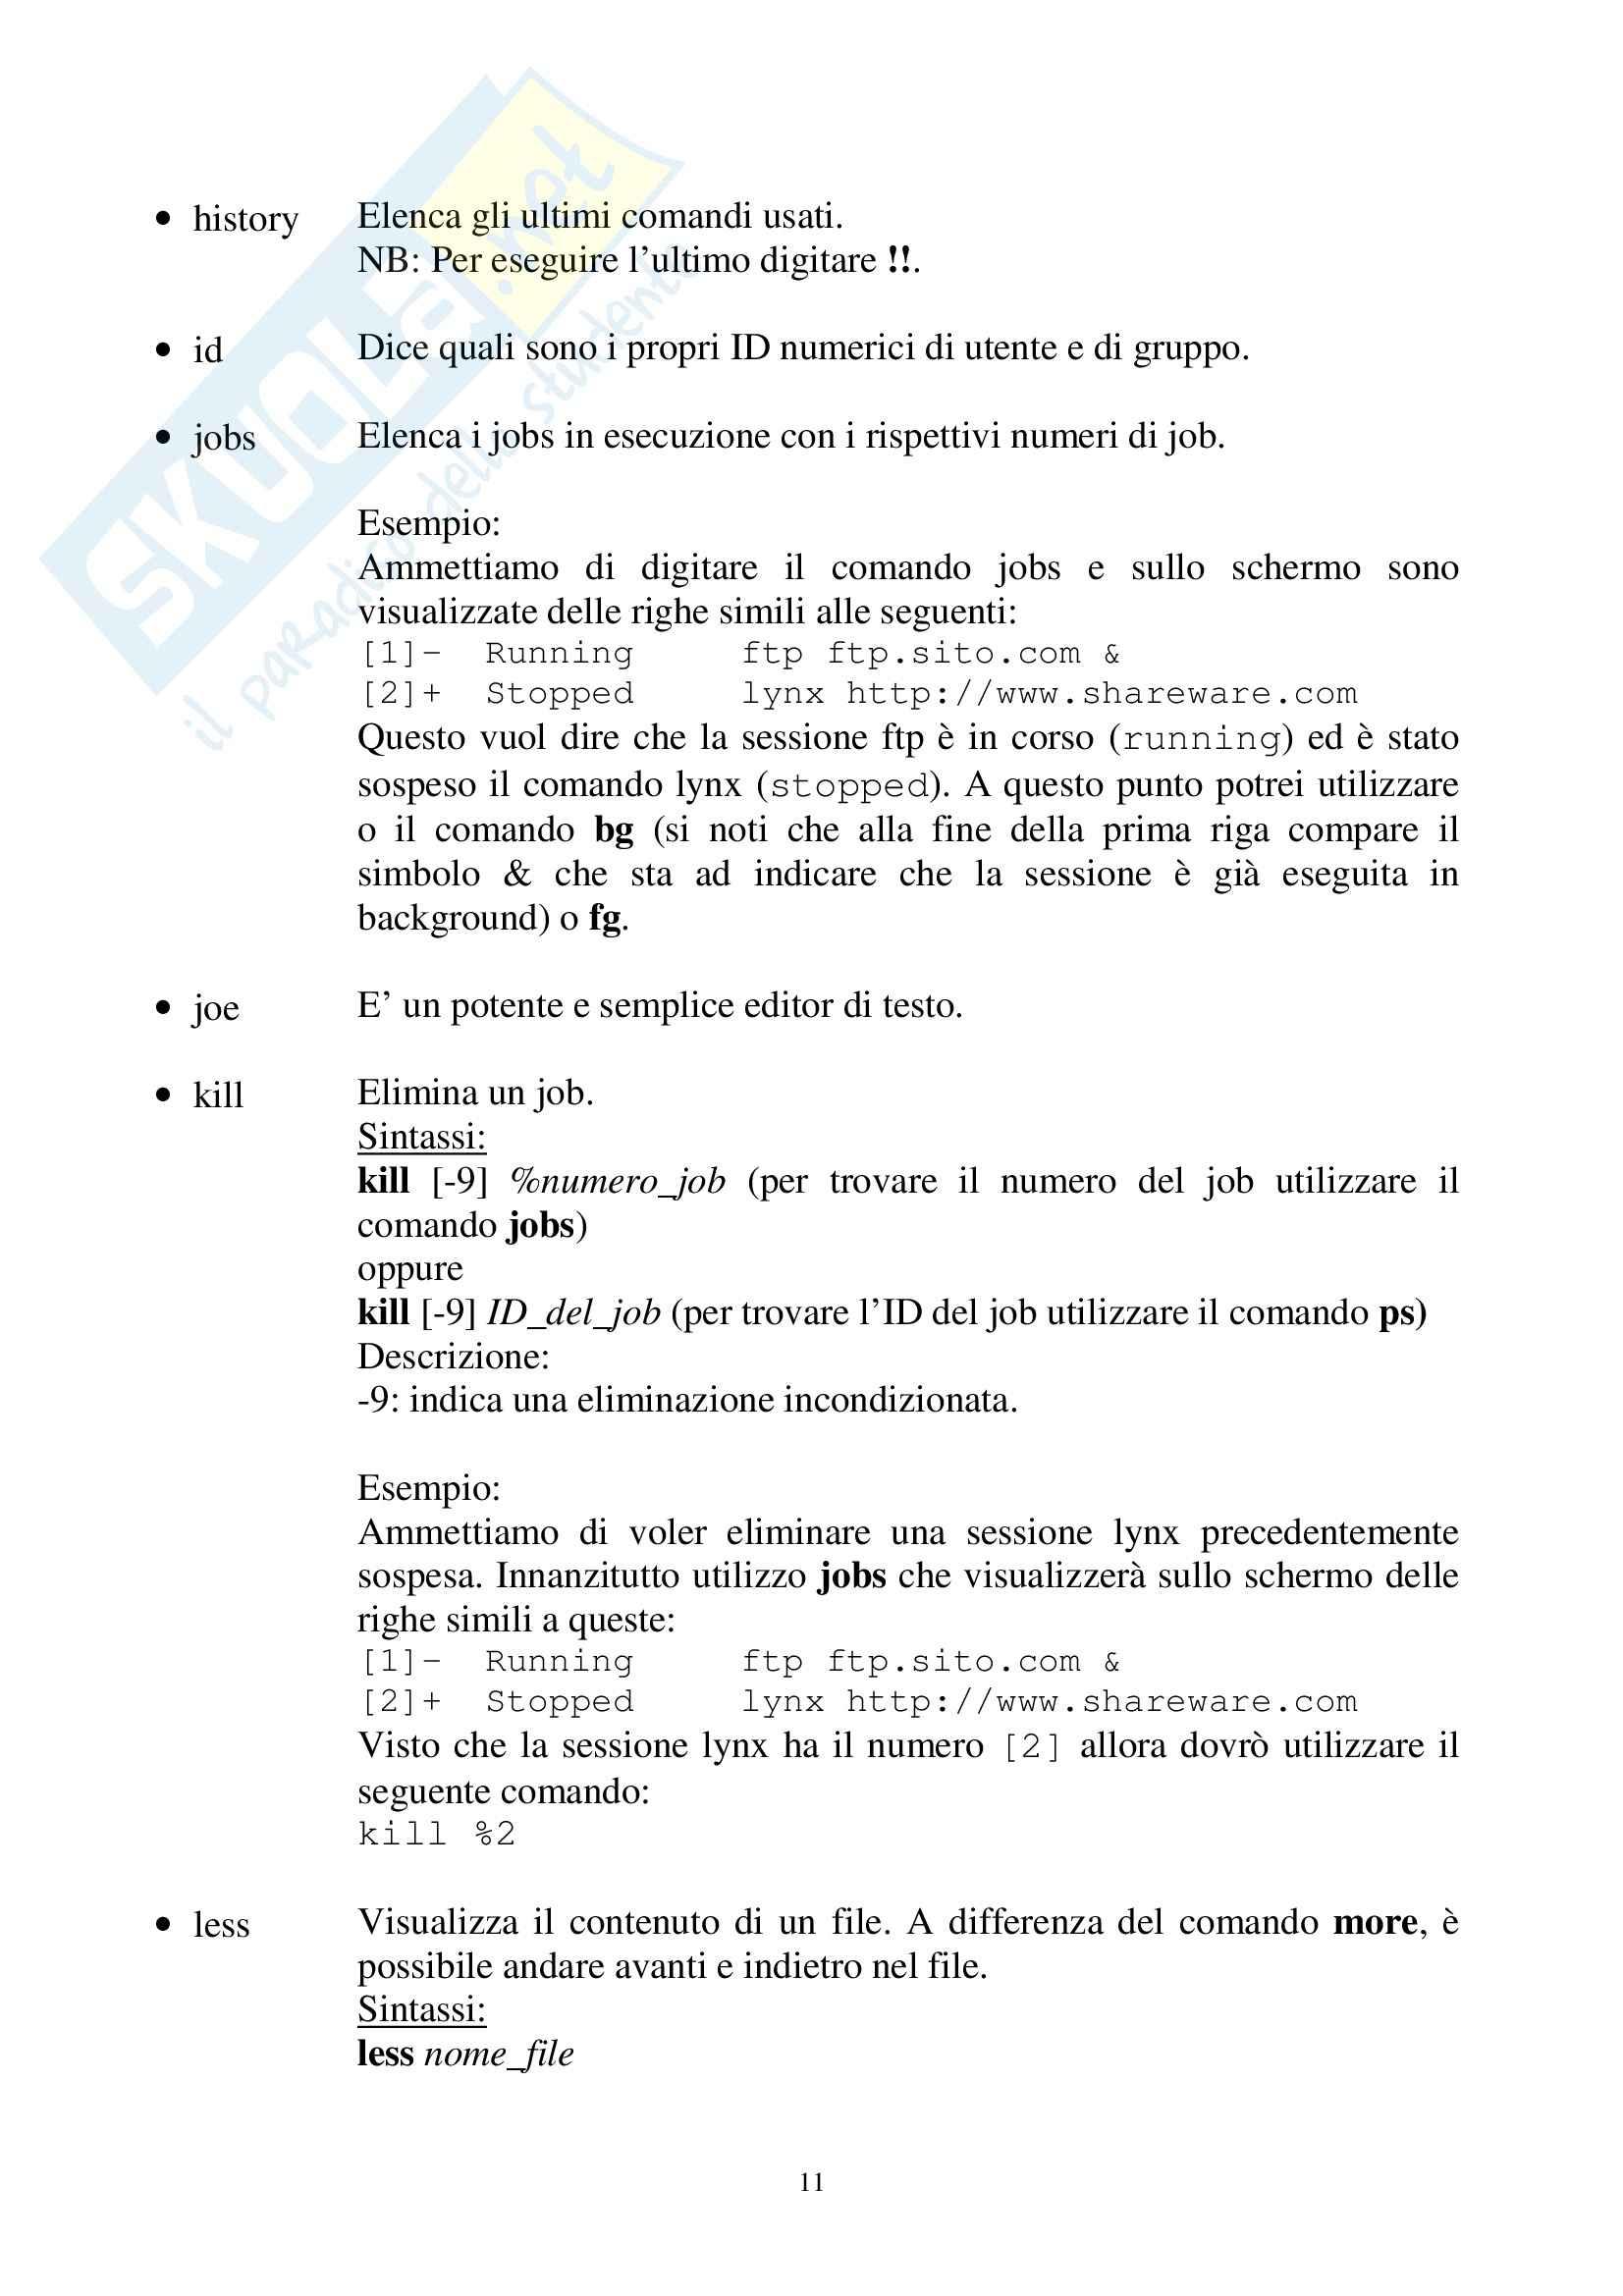 Elementi di informatica e programmazione - i principali comandi di Linux Pag. 11